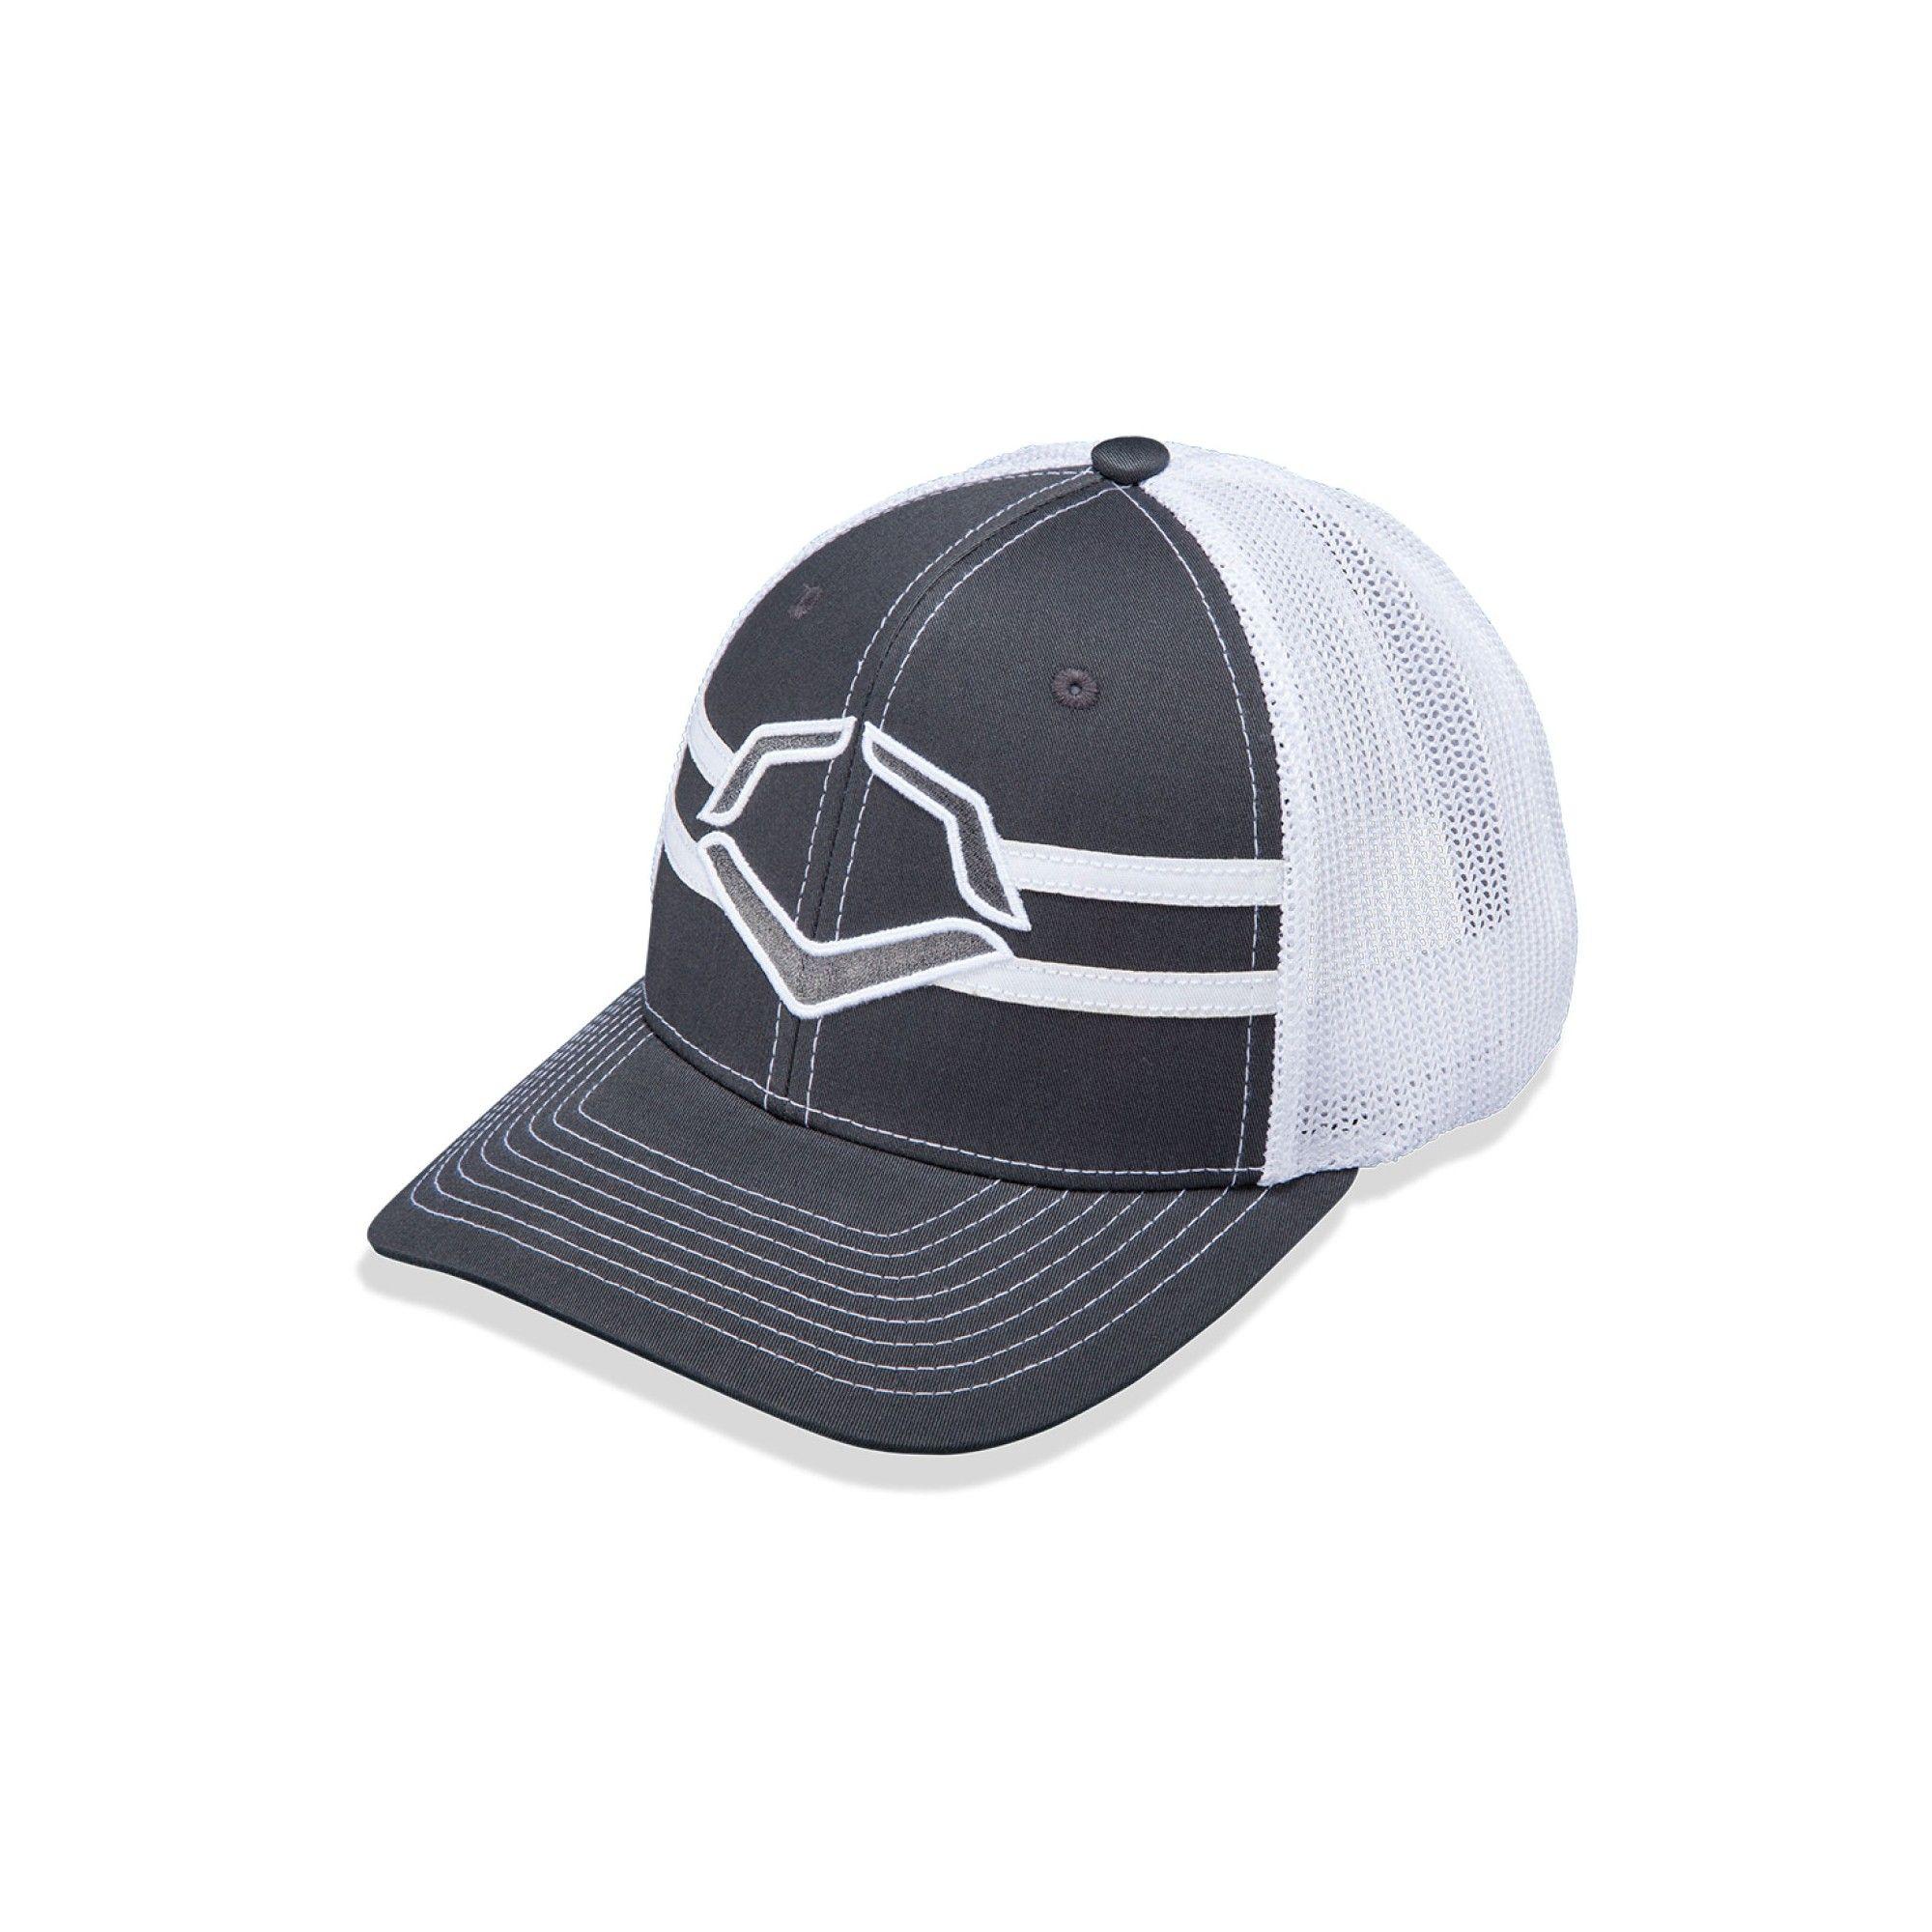 3473ec0f987 Evoshield Grandstand Flexfit Baseball Softball Trucker Hat - Charcoal White  (Grey White) - S M